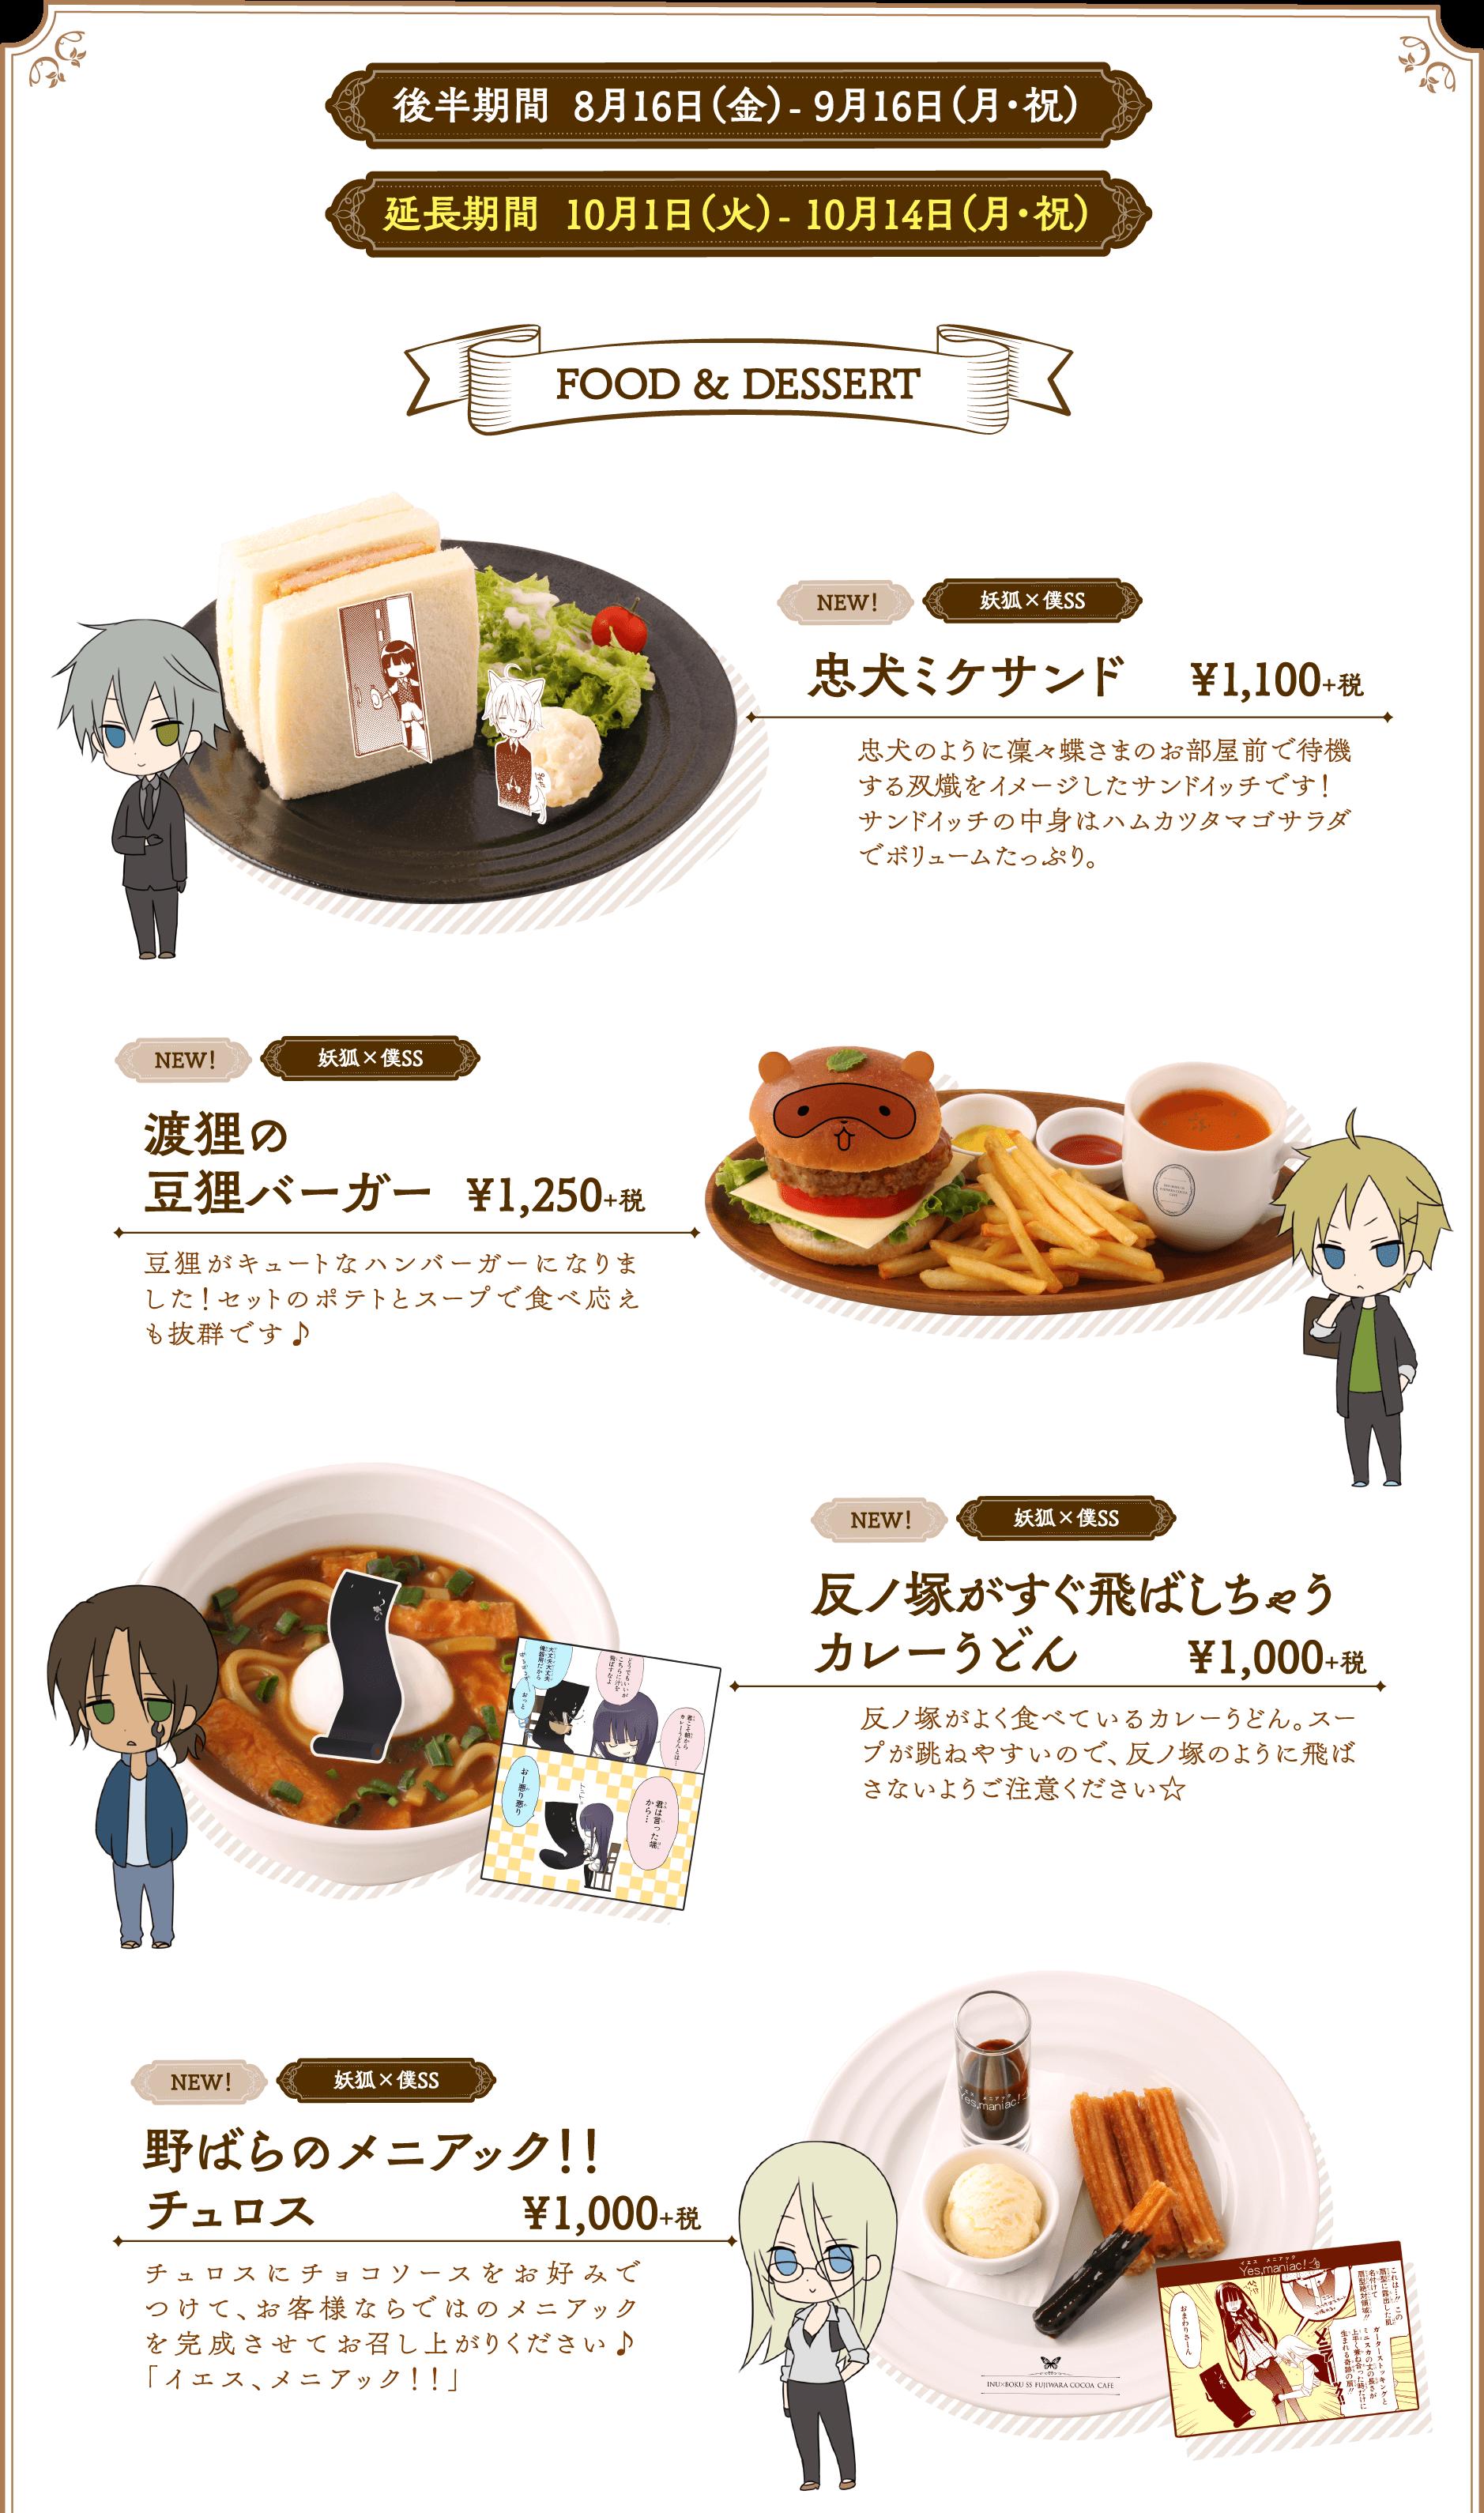 menu-2-1-20190827.png